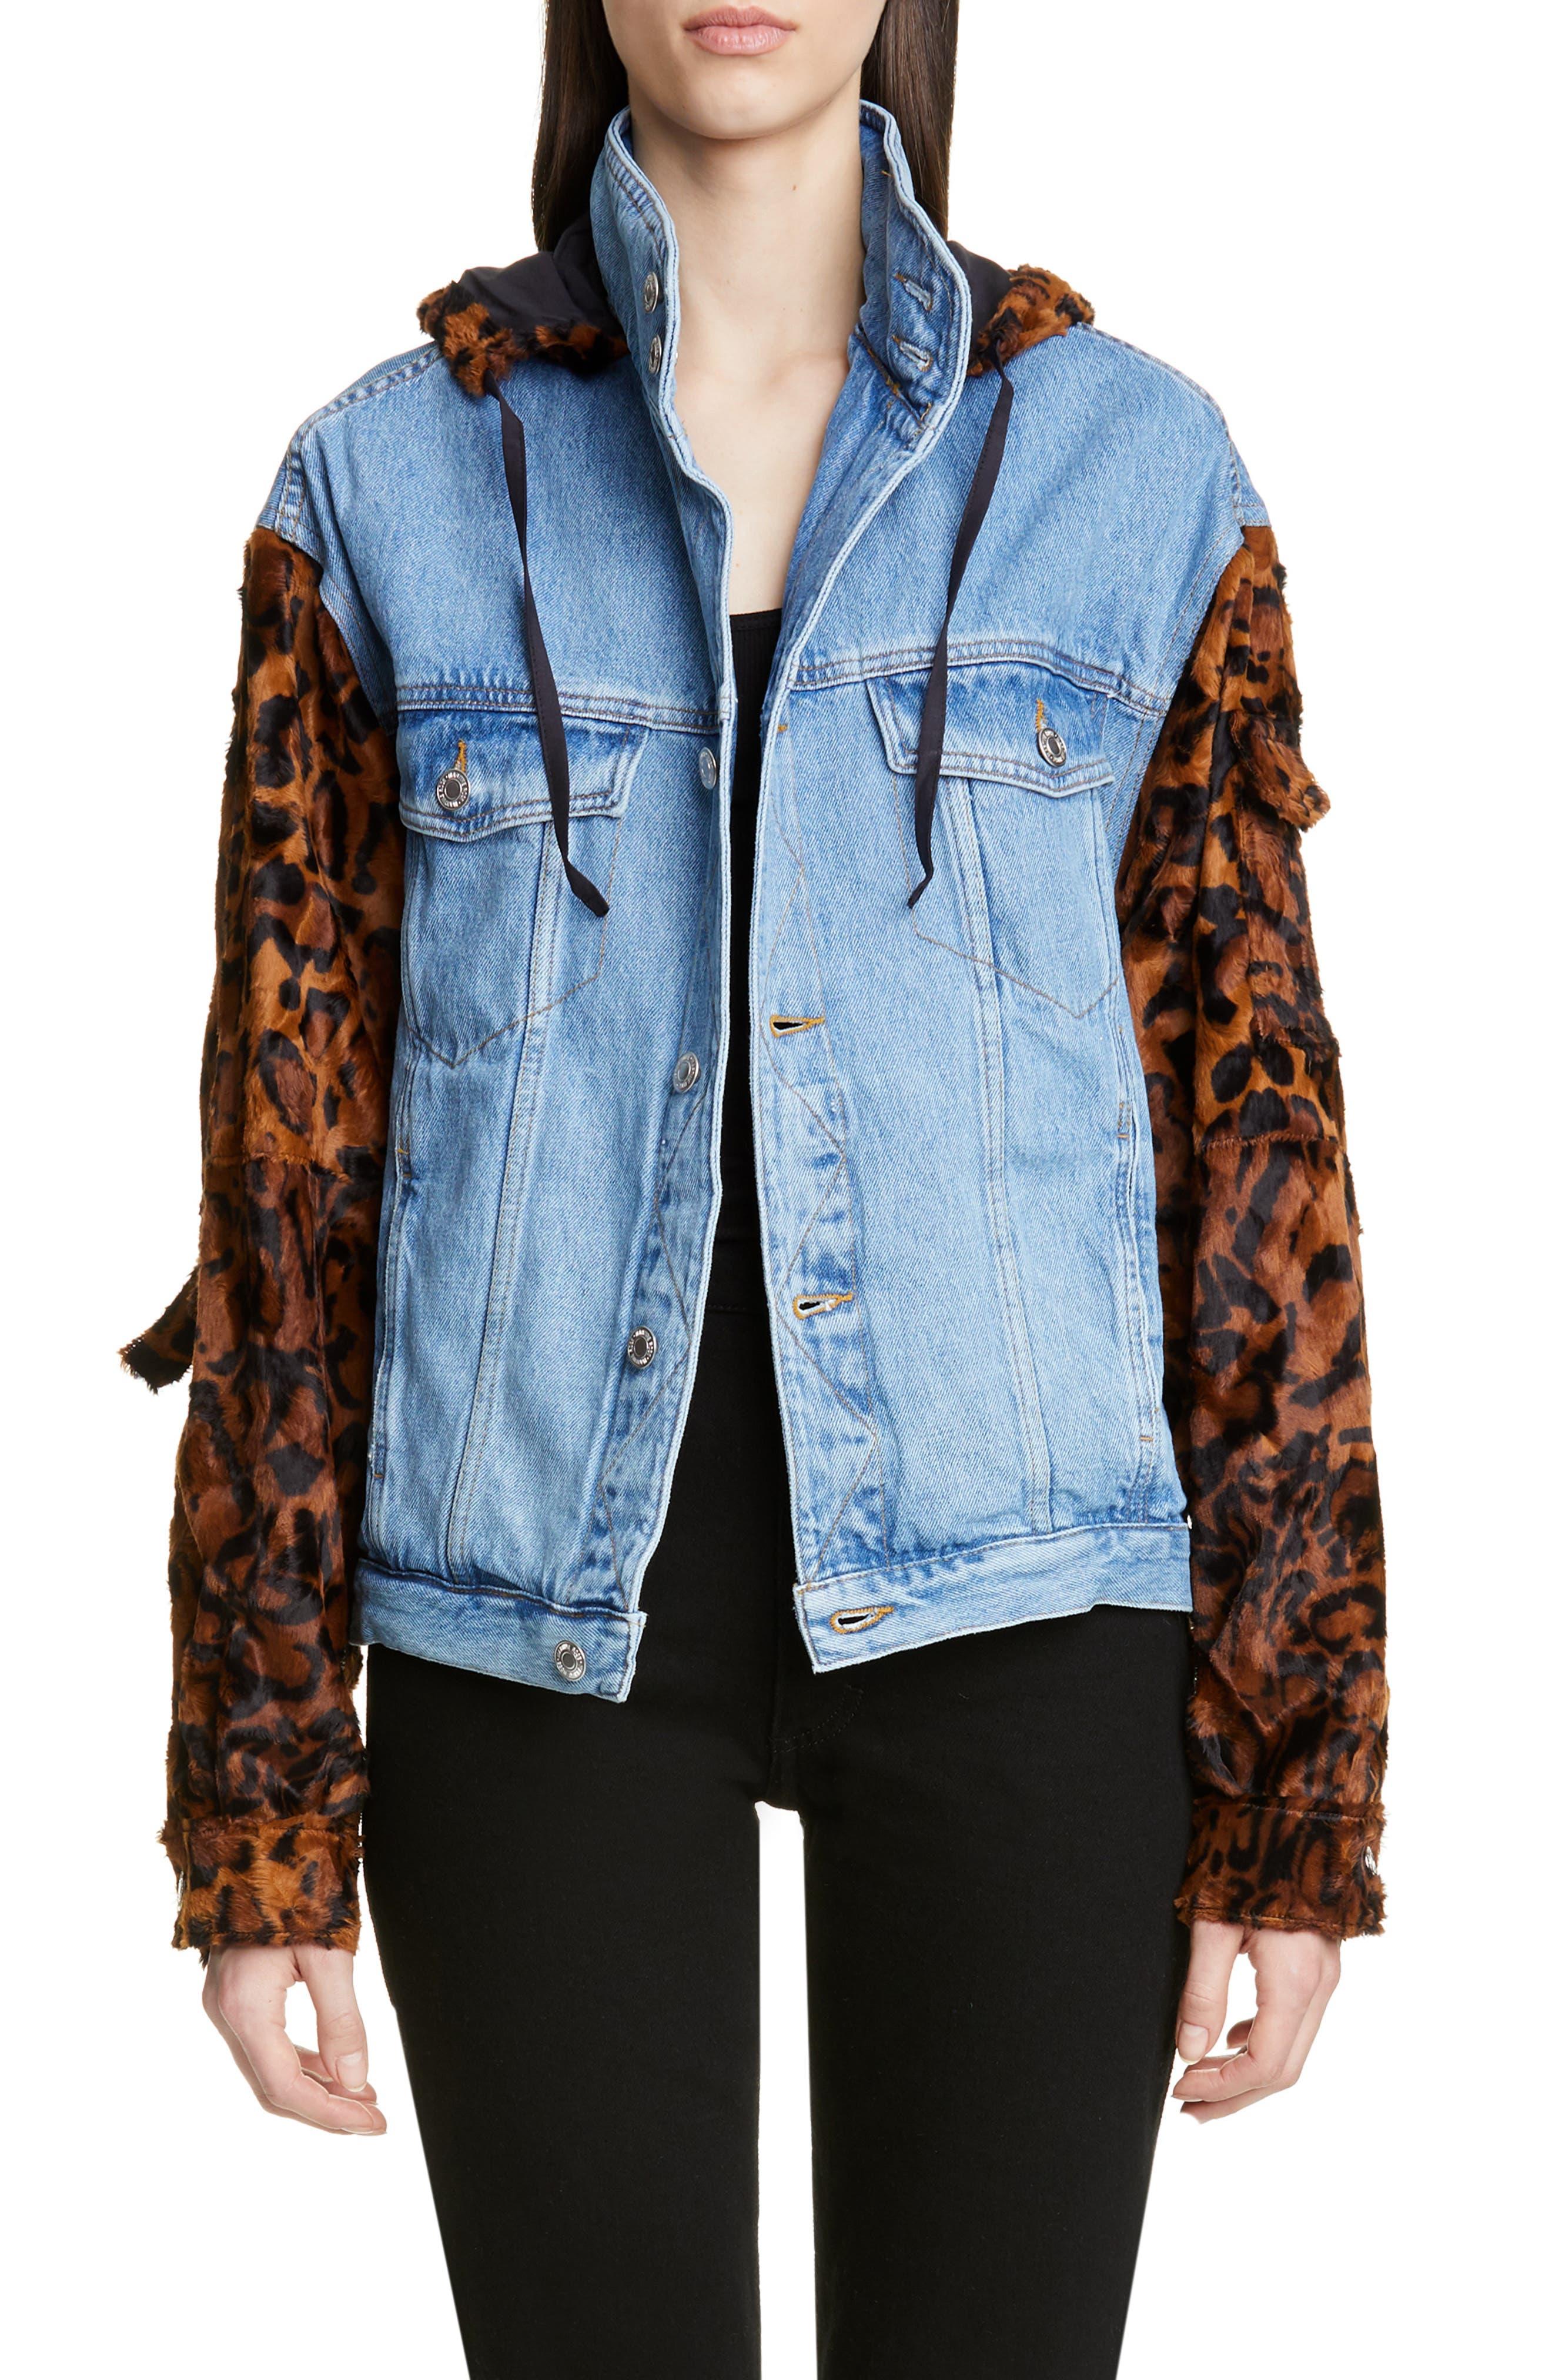 MARTINE ROSE Leopard Hooded Denim Jacket, Main, color, LIGHT DENIM DARK